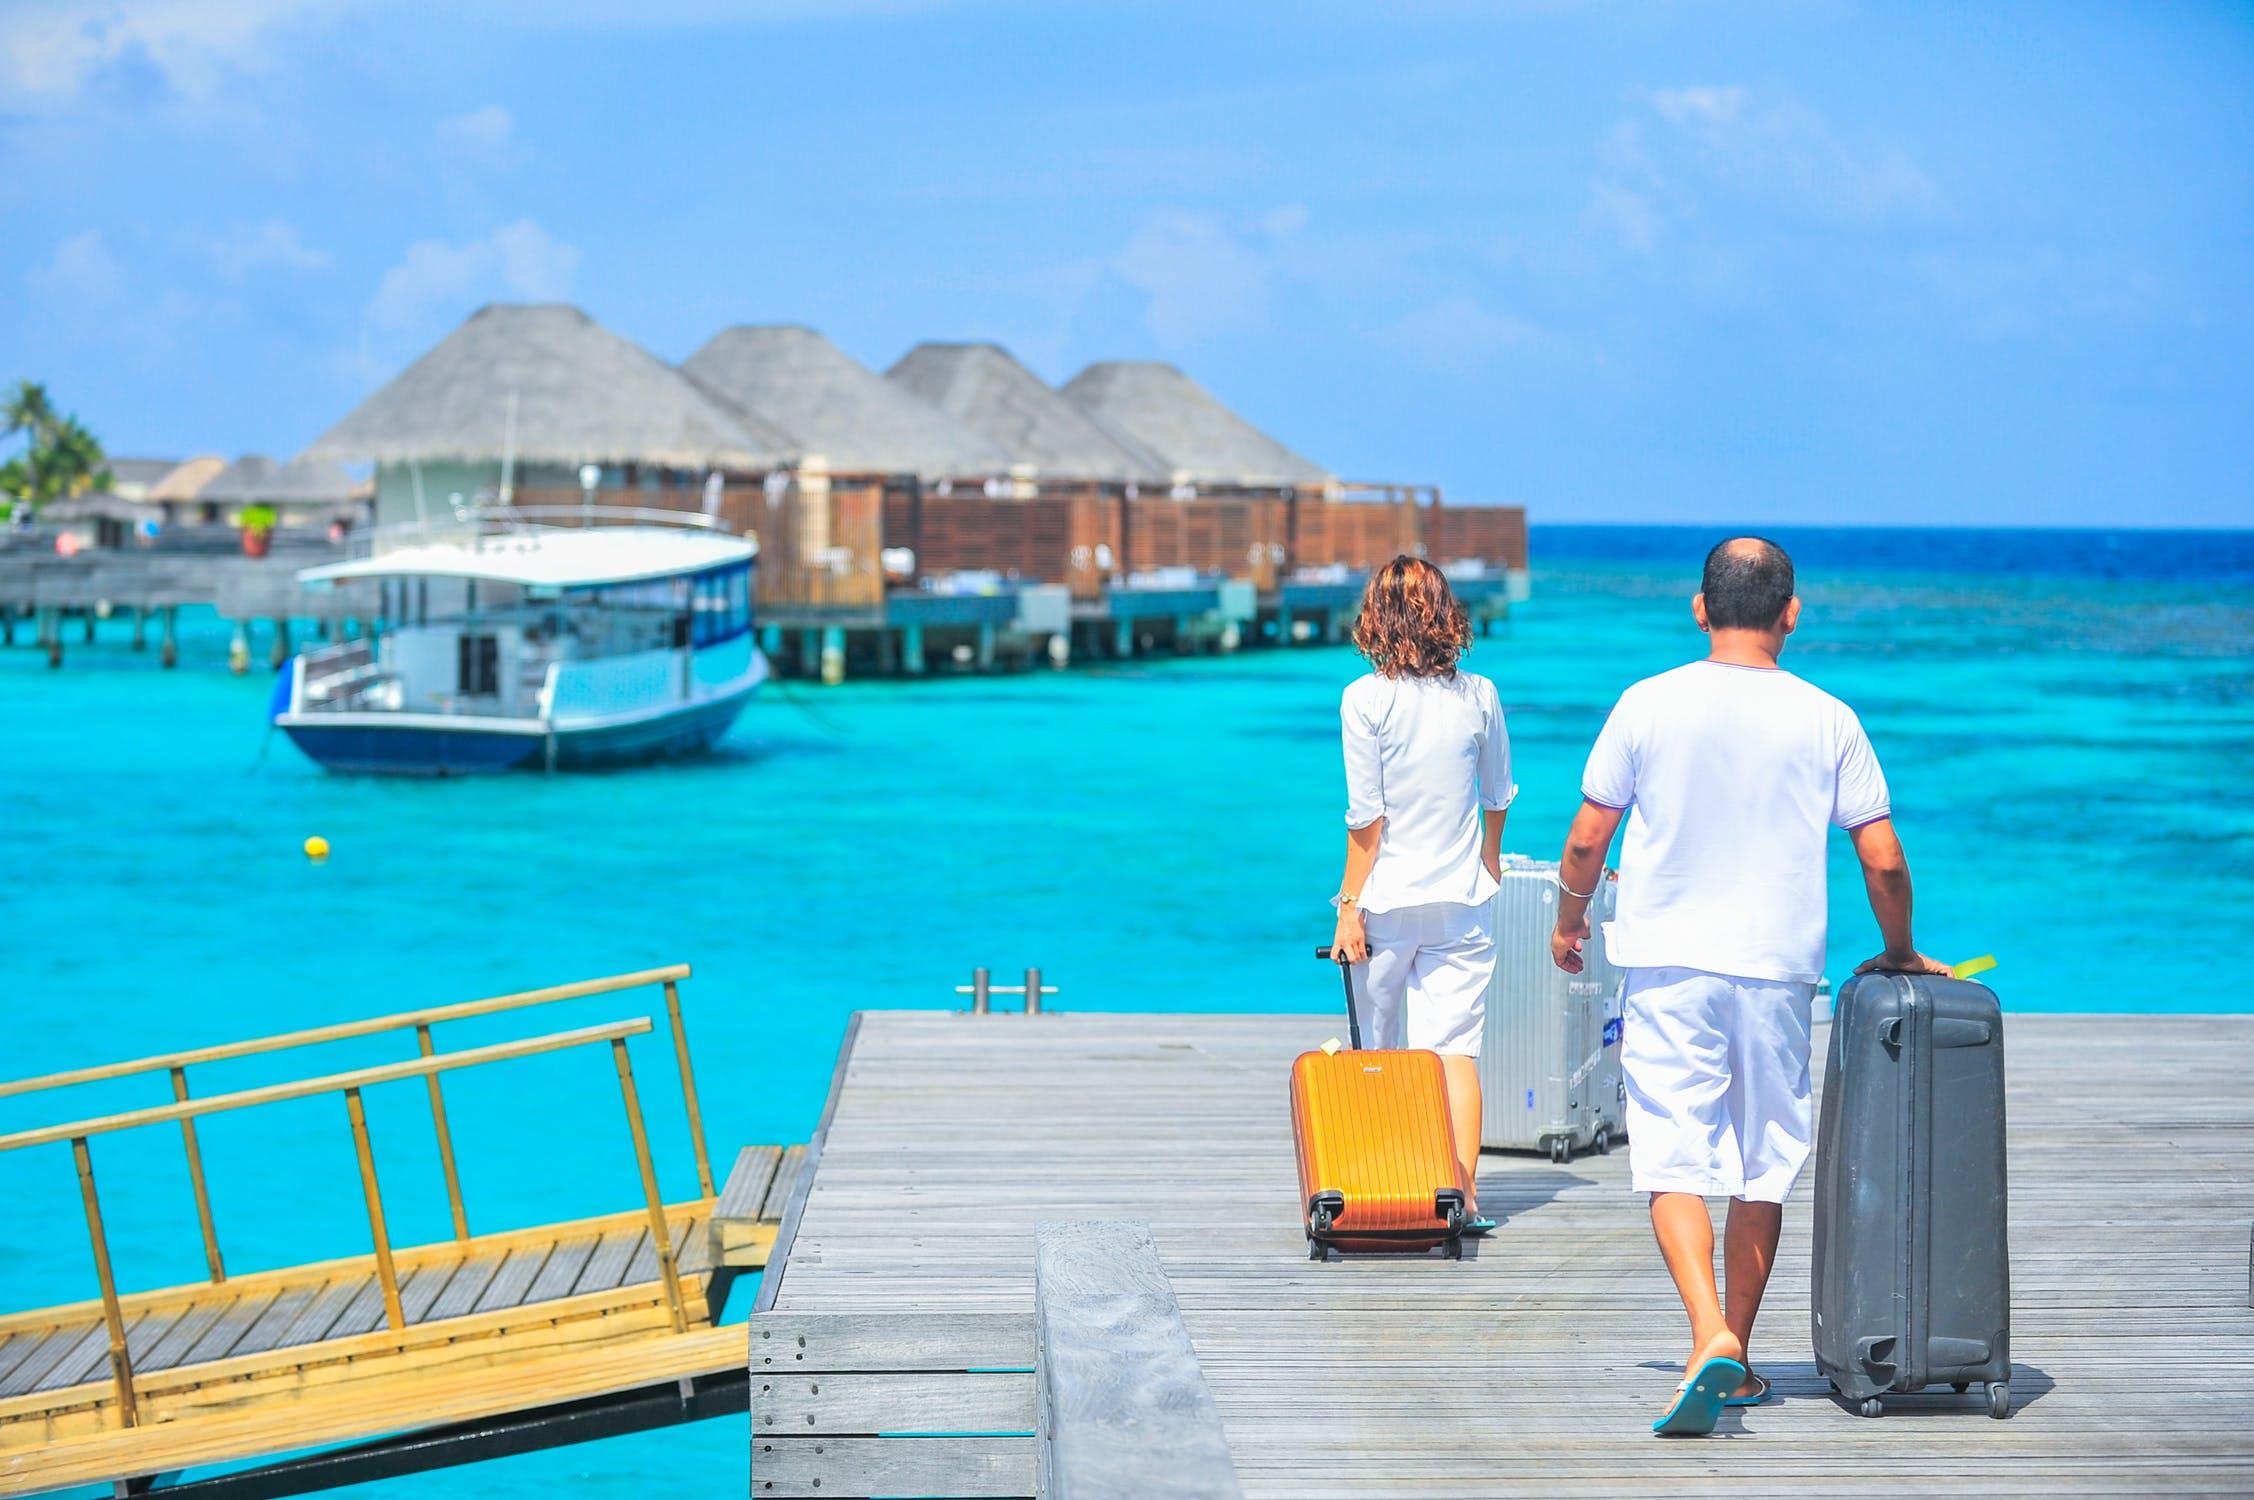 mand og dame på mole med kufferter